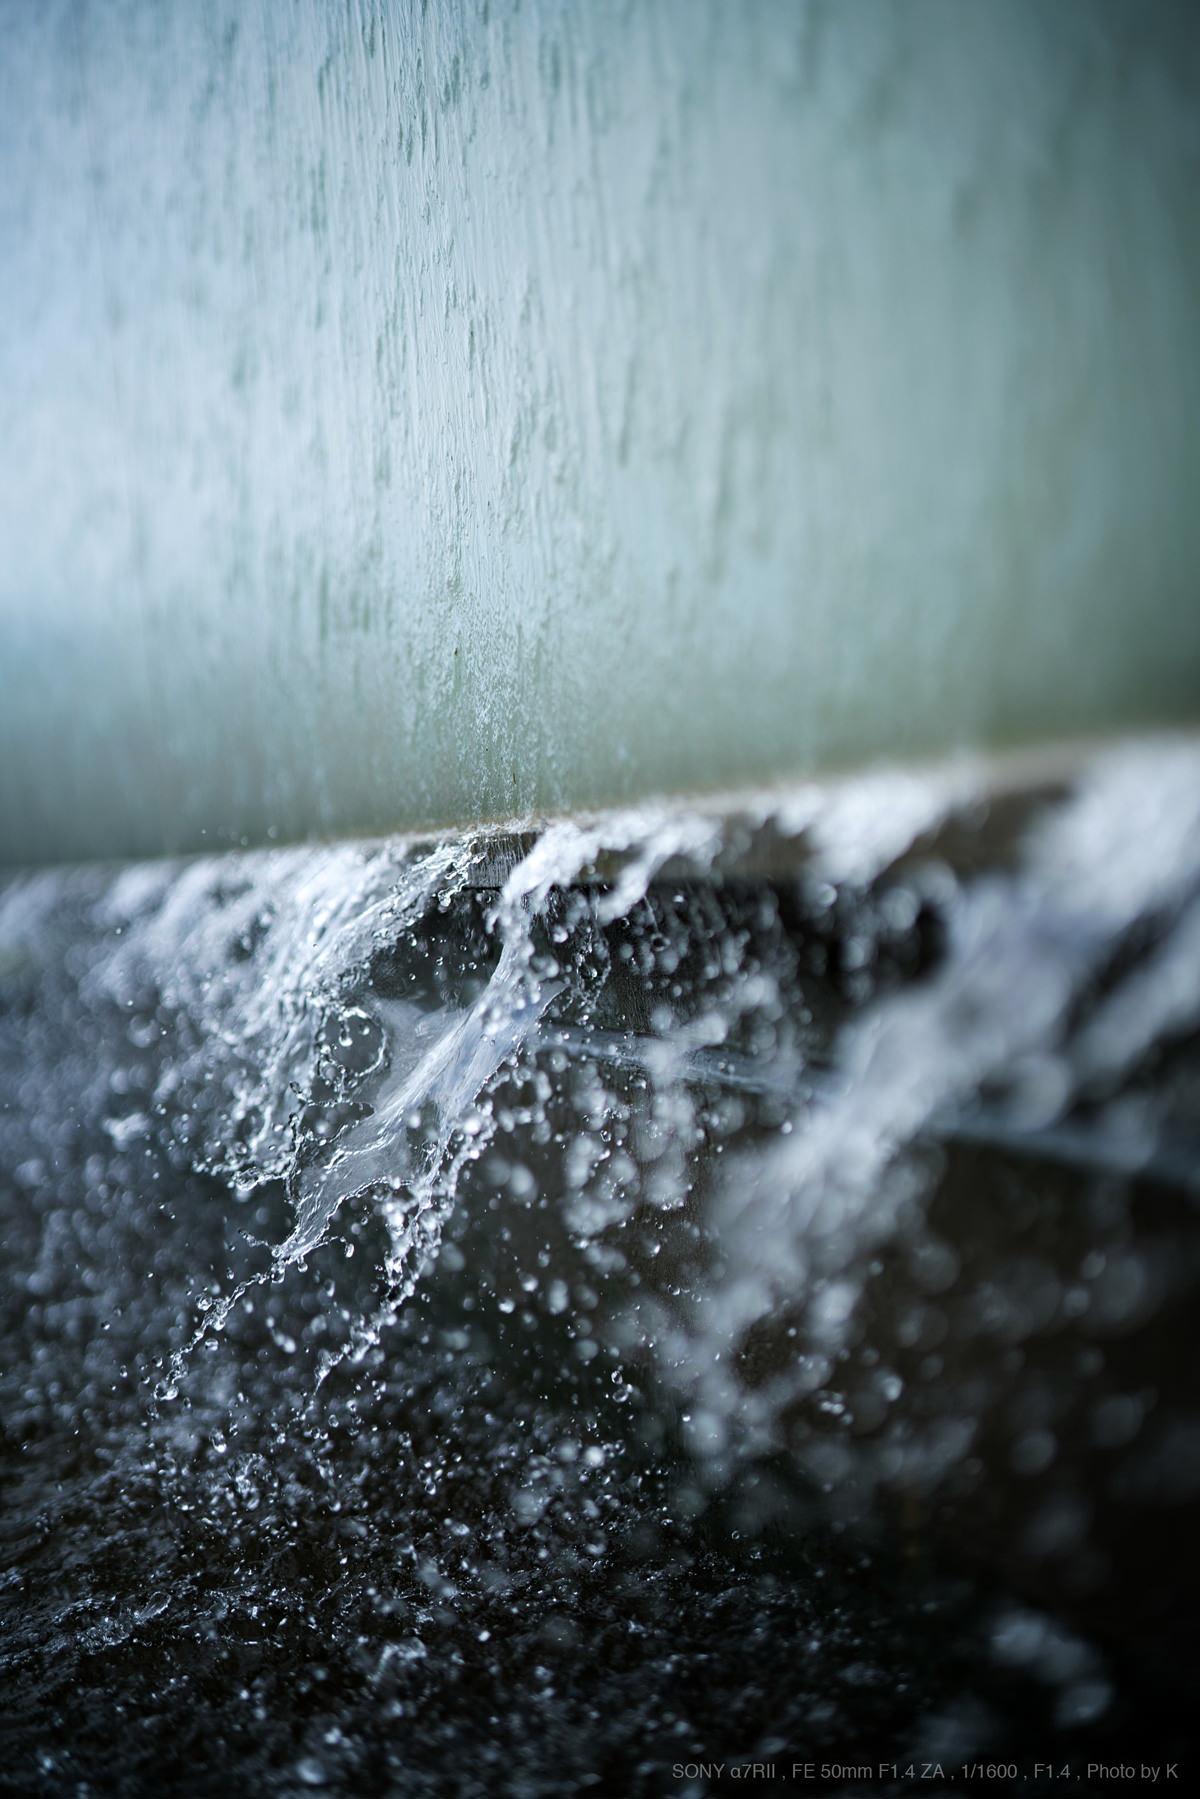 水しぶきが綺麗な写真